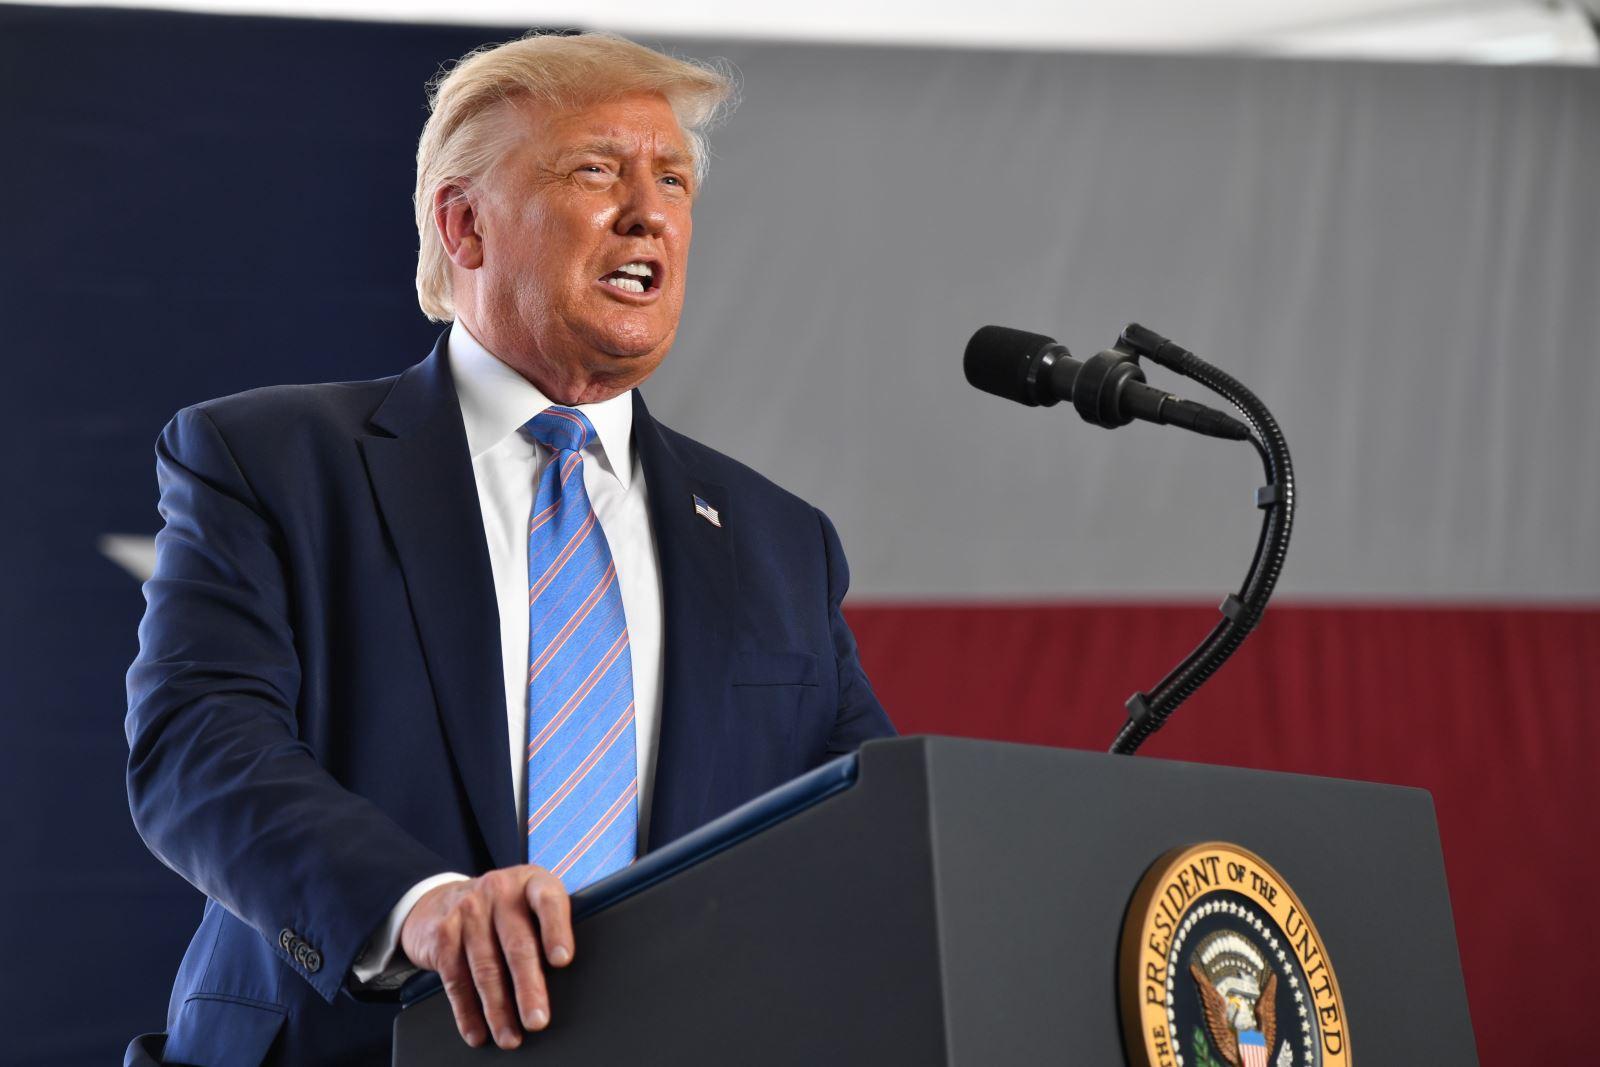 Ý tưởng hoãn bầu cử của Tổng thống Trump không khả thi vì rào cản Hiến pháp